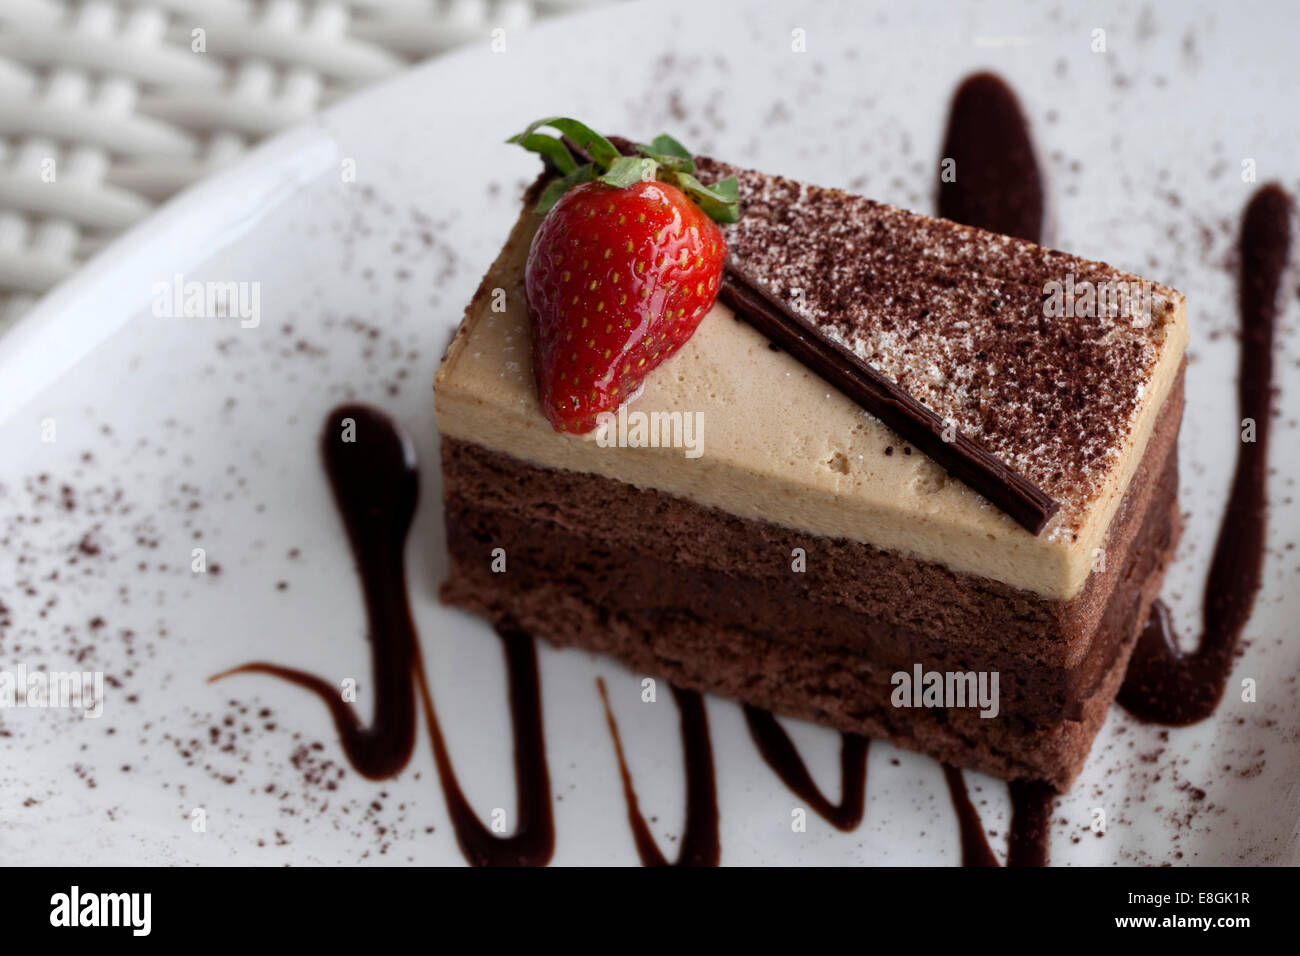 Indonesien, Java, Bandung, Stück Schokoladenkuchen Stockbild